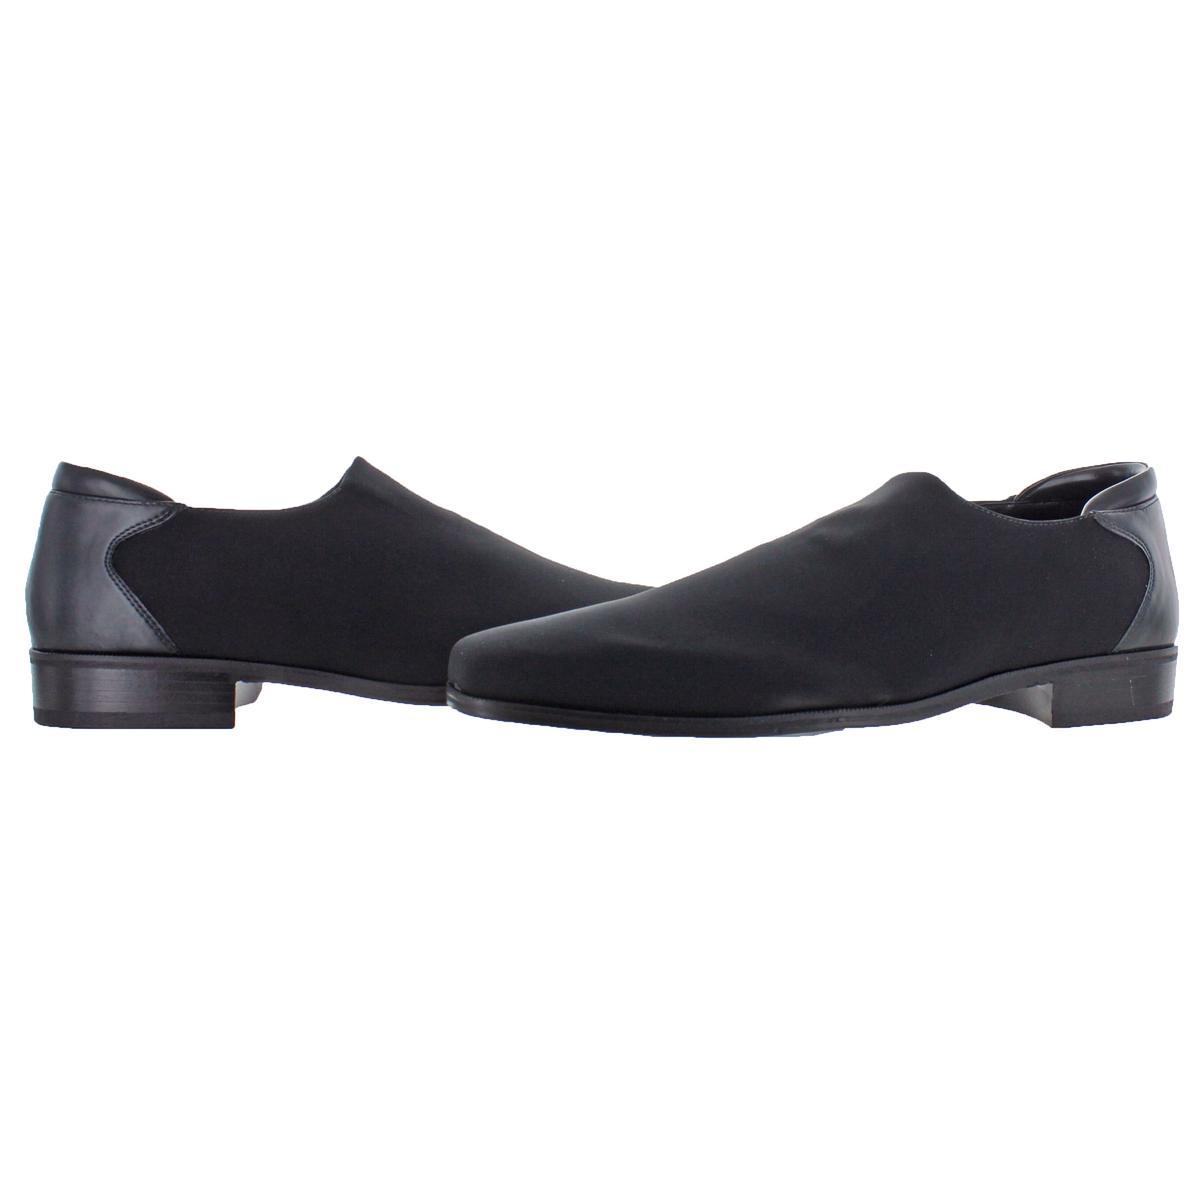 68935b2fdc7 Donald J Pliner Rex Men s Slip On Loafer Dress Shoes